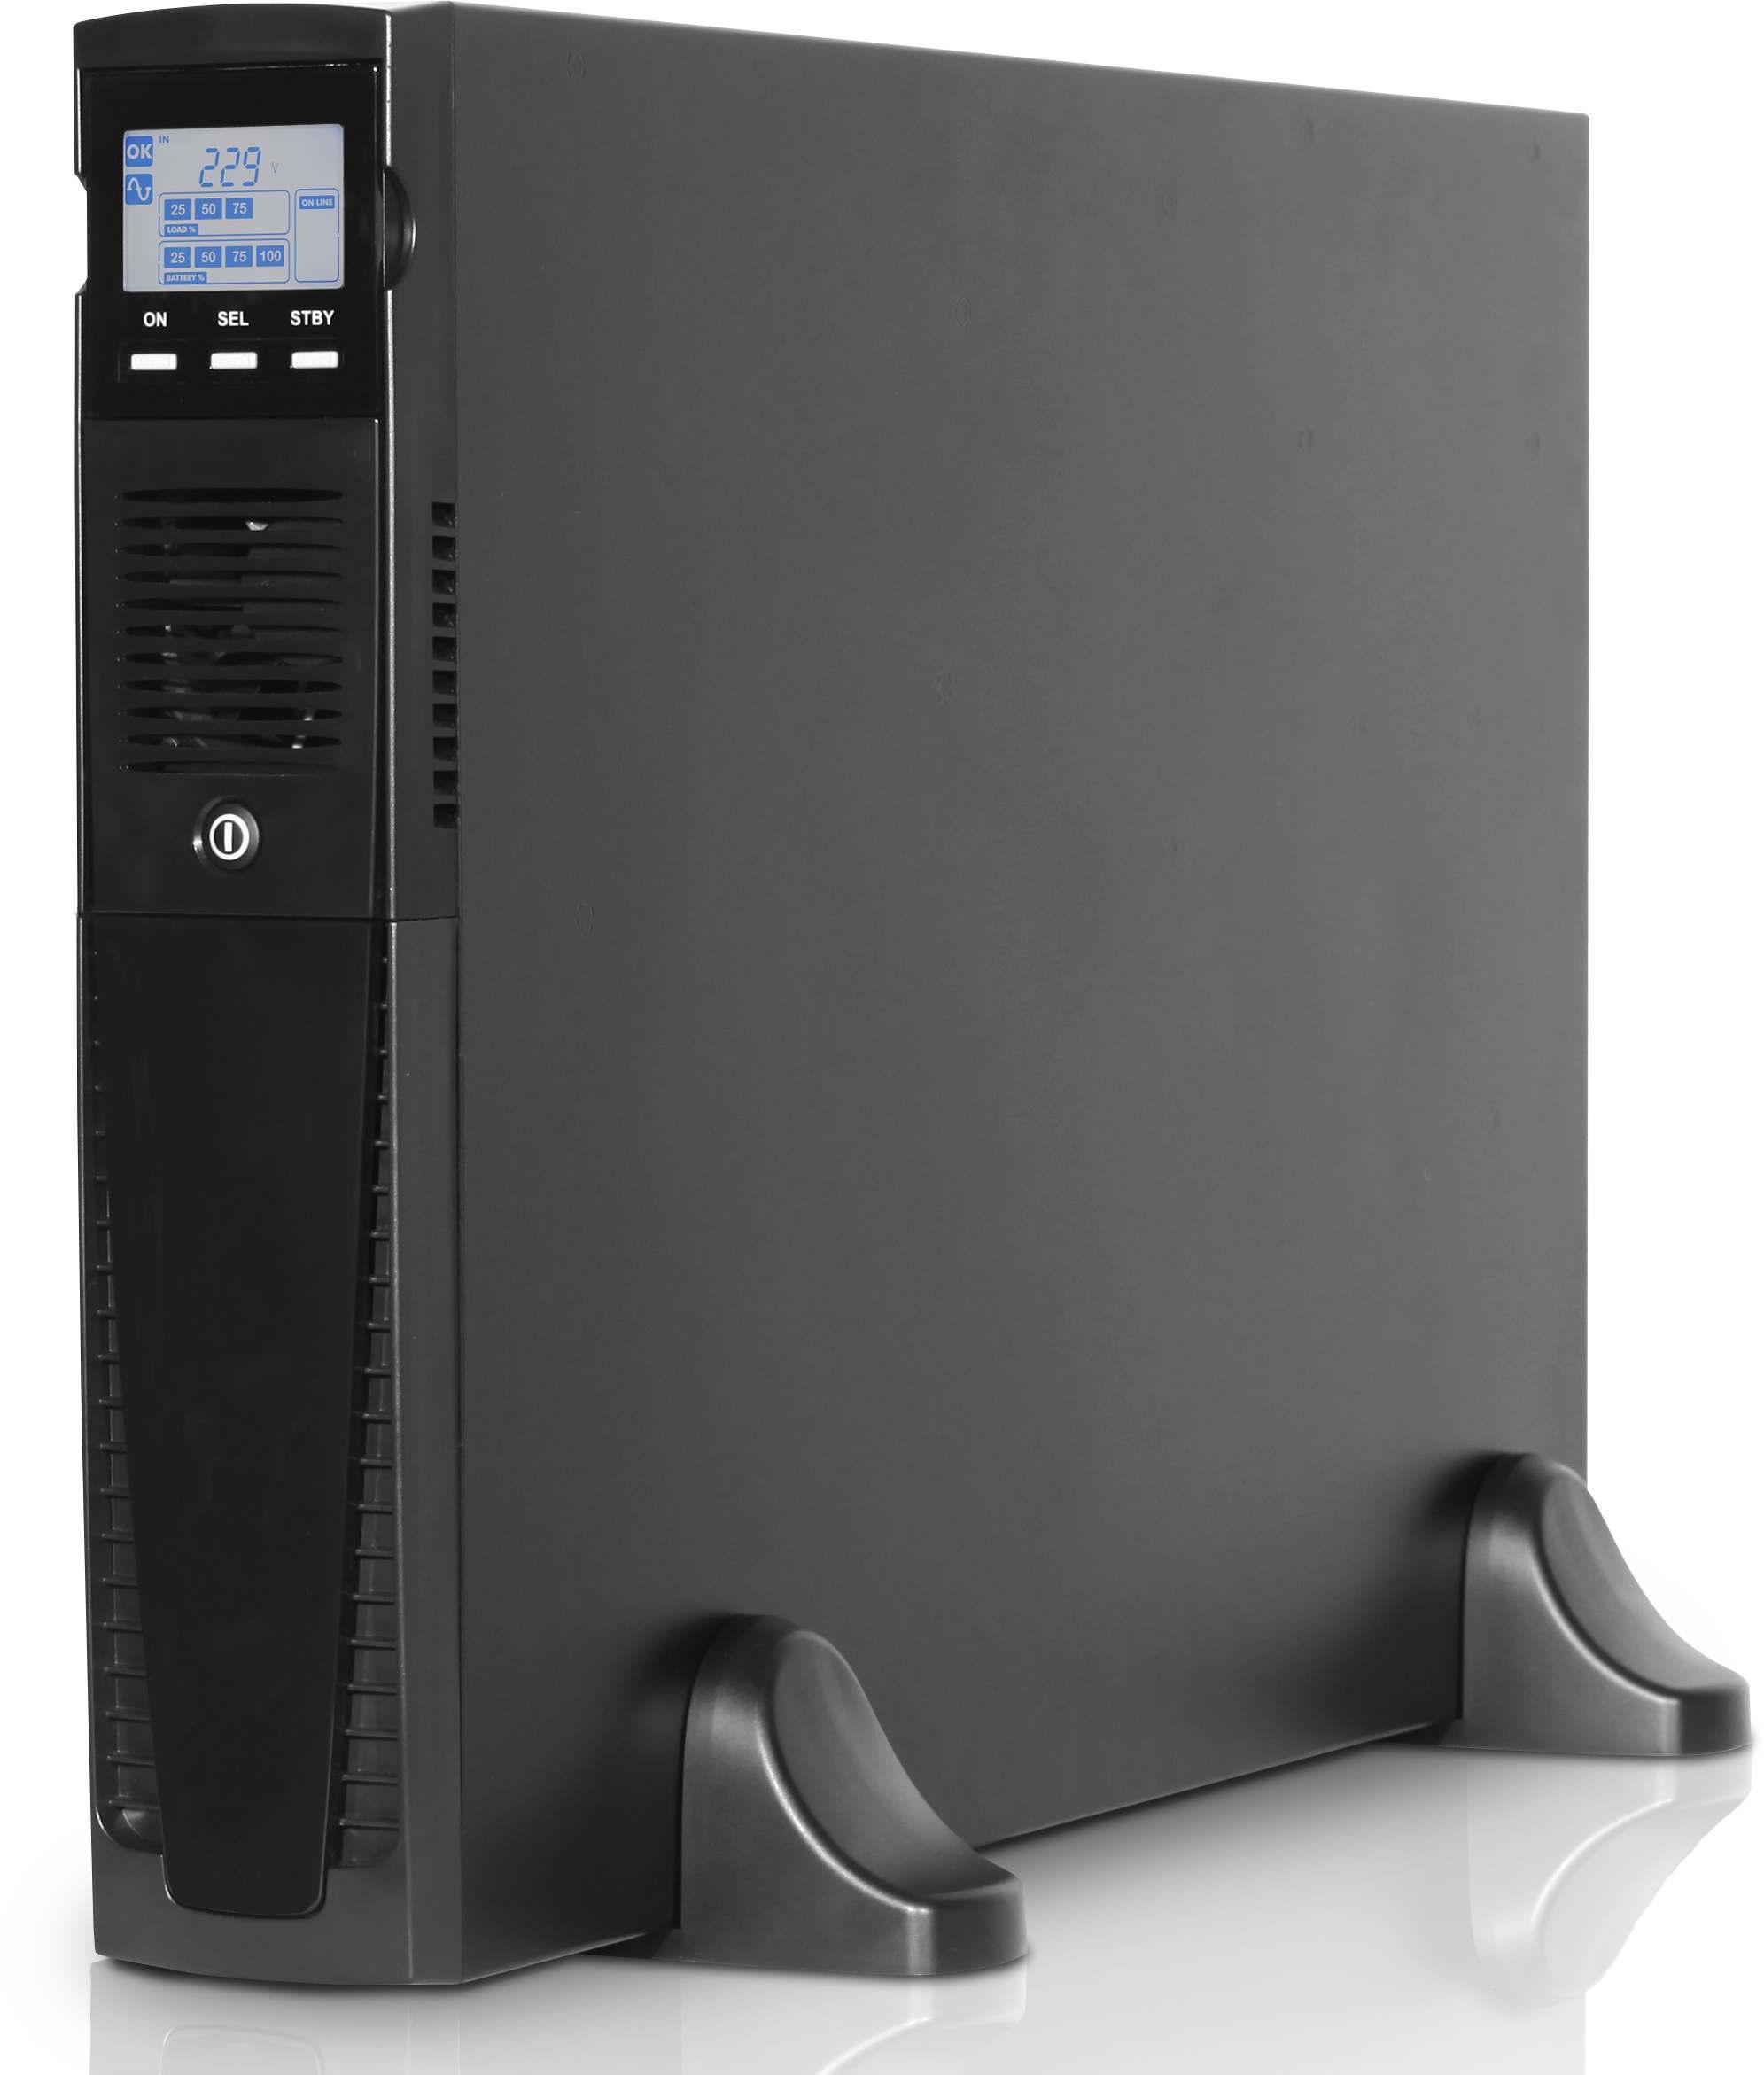 1 Stk USV GENIO Flex Plus Dual ER 2200VA 1760W 0 Min.1/1ph./Line-I USVSD220ER